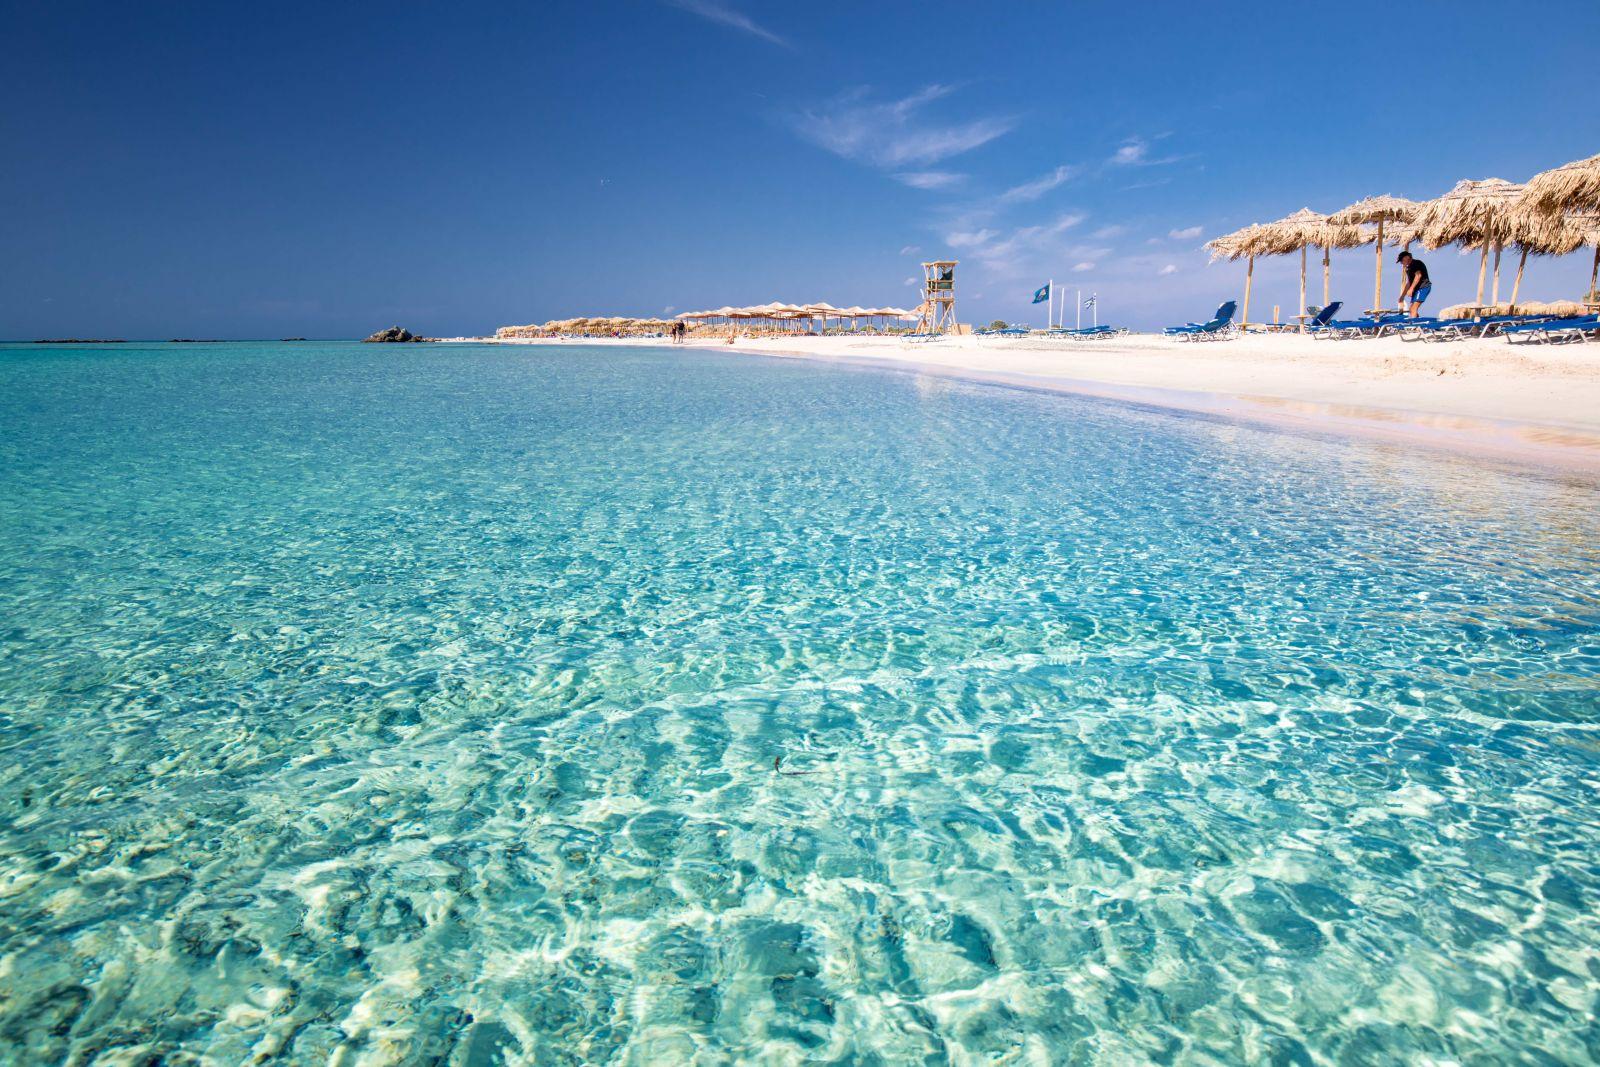 Aqua, Azure, Beach